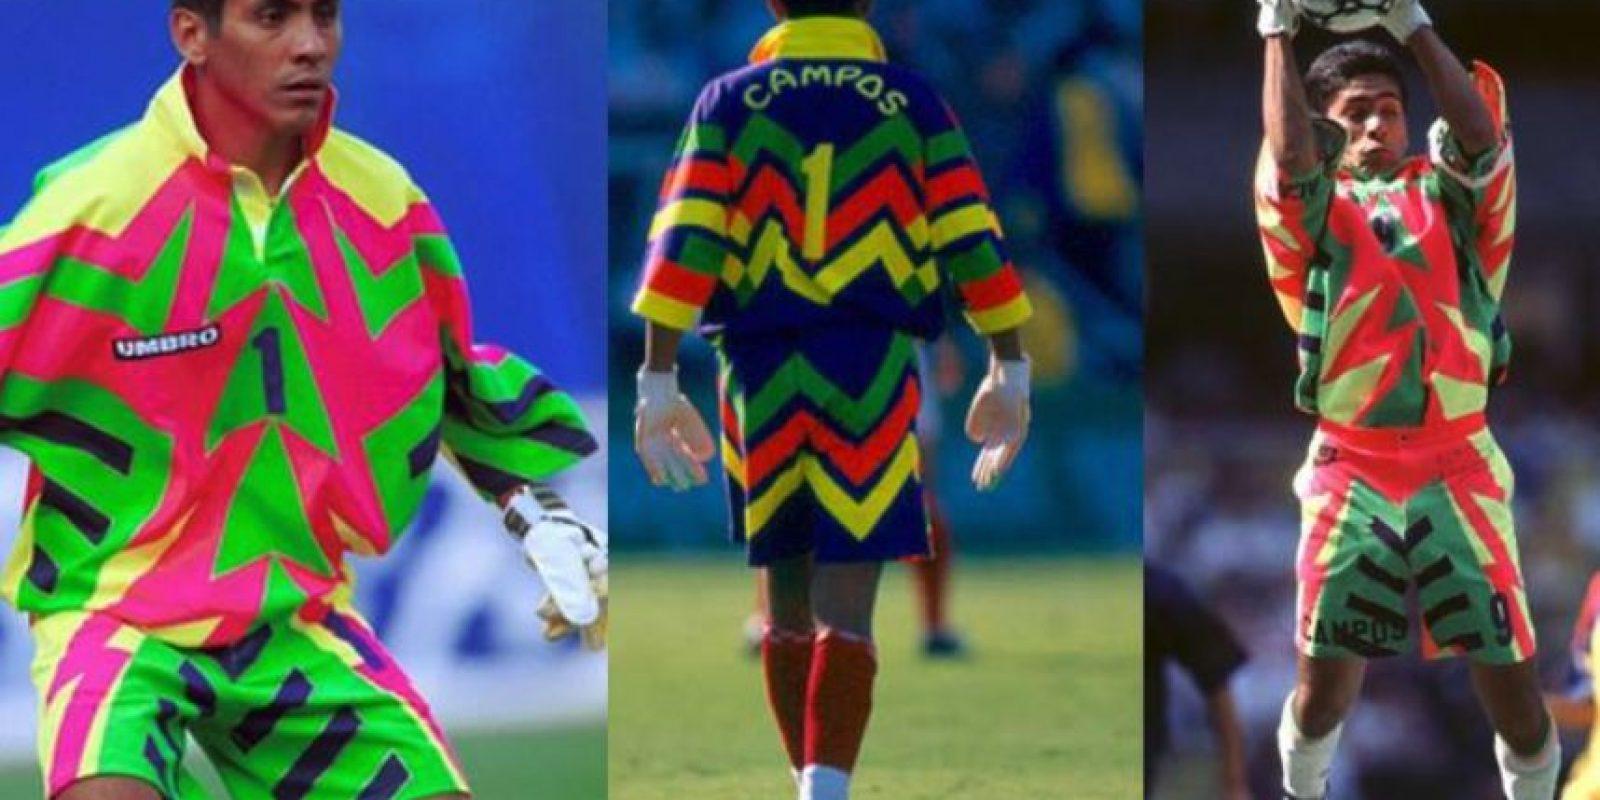 Se basó en los colores que usan los surfistas, para diseñar sus uniformes Foto:Facebook: Jorge Campos